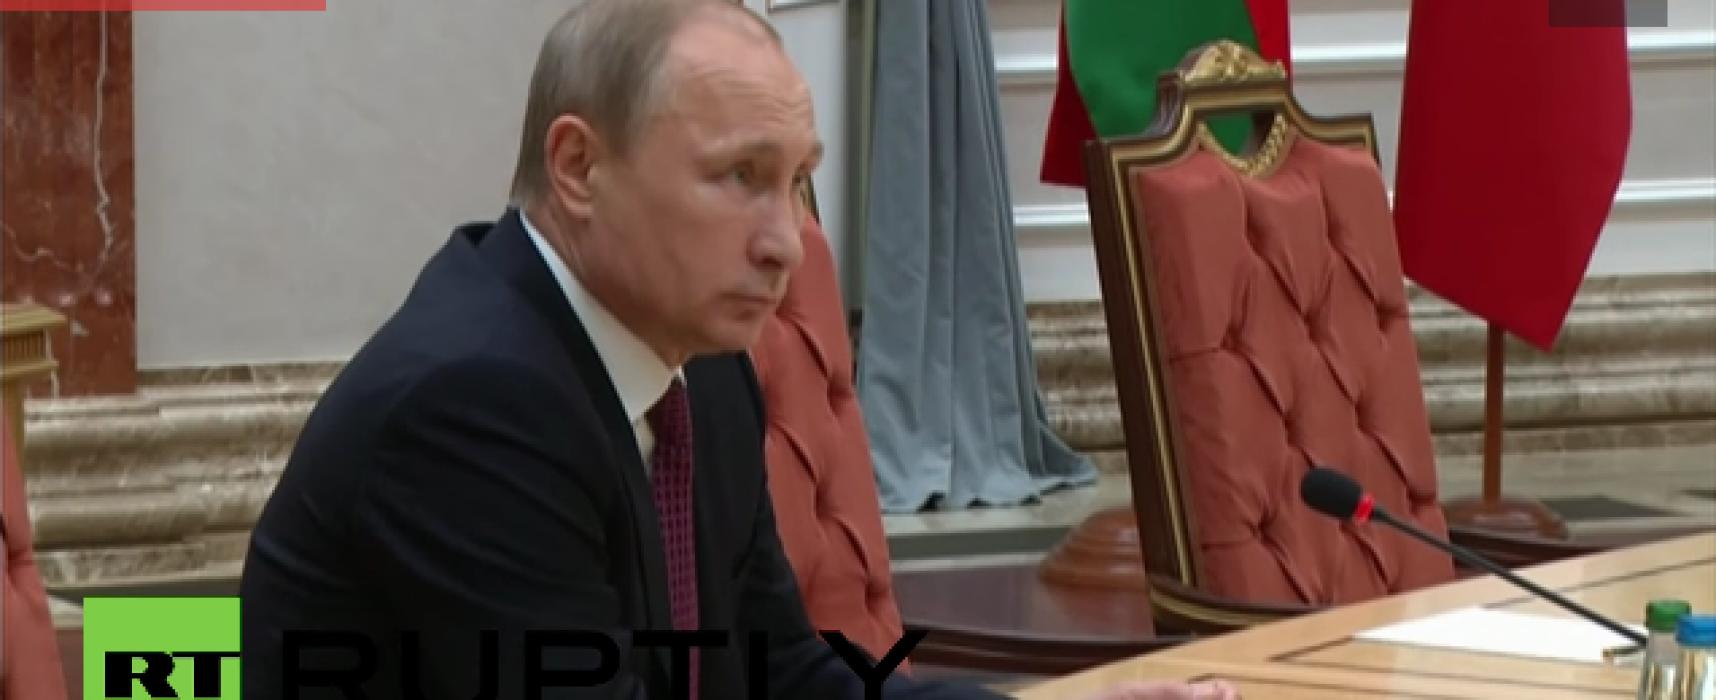 Фейк: Путин сломал карандаш во время минских переговоров